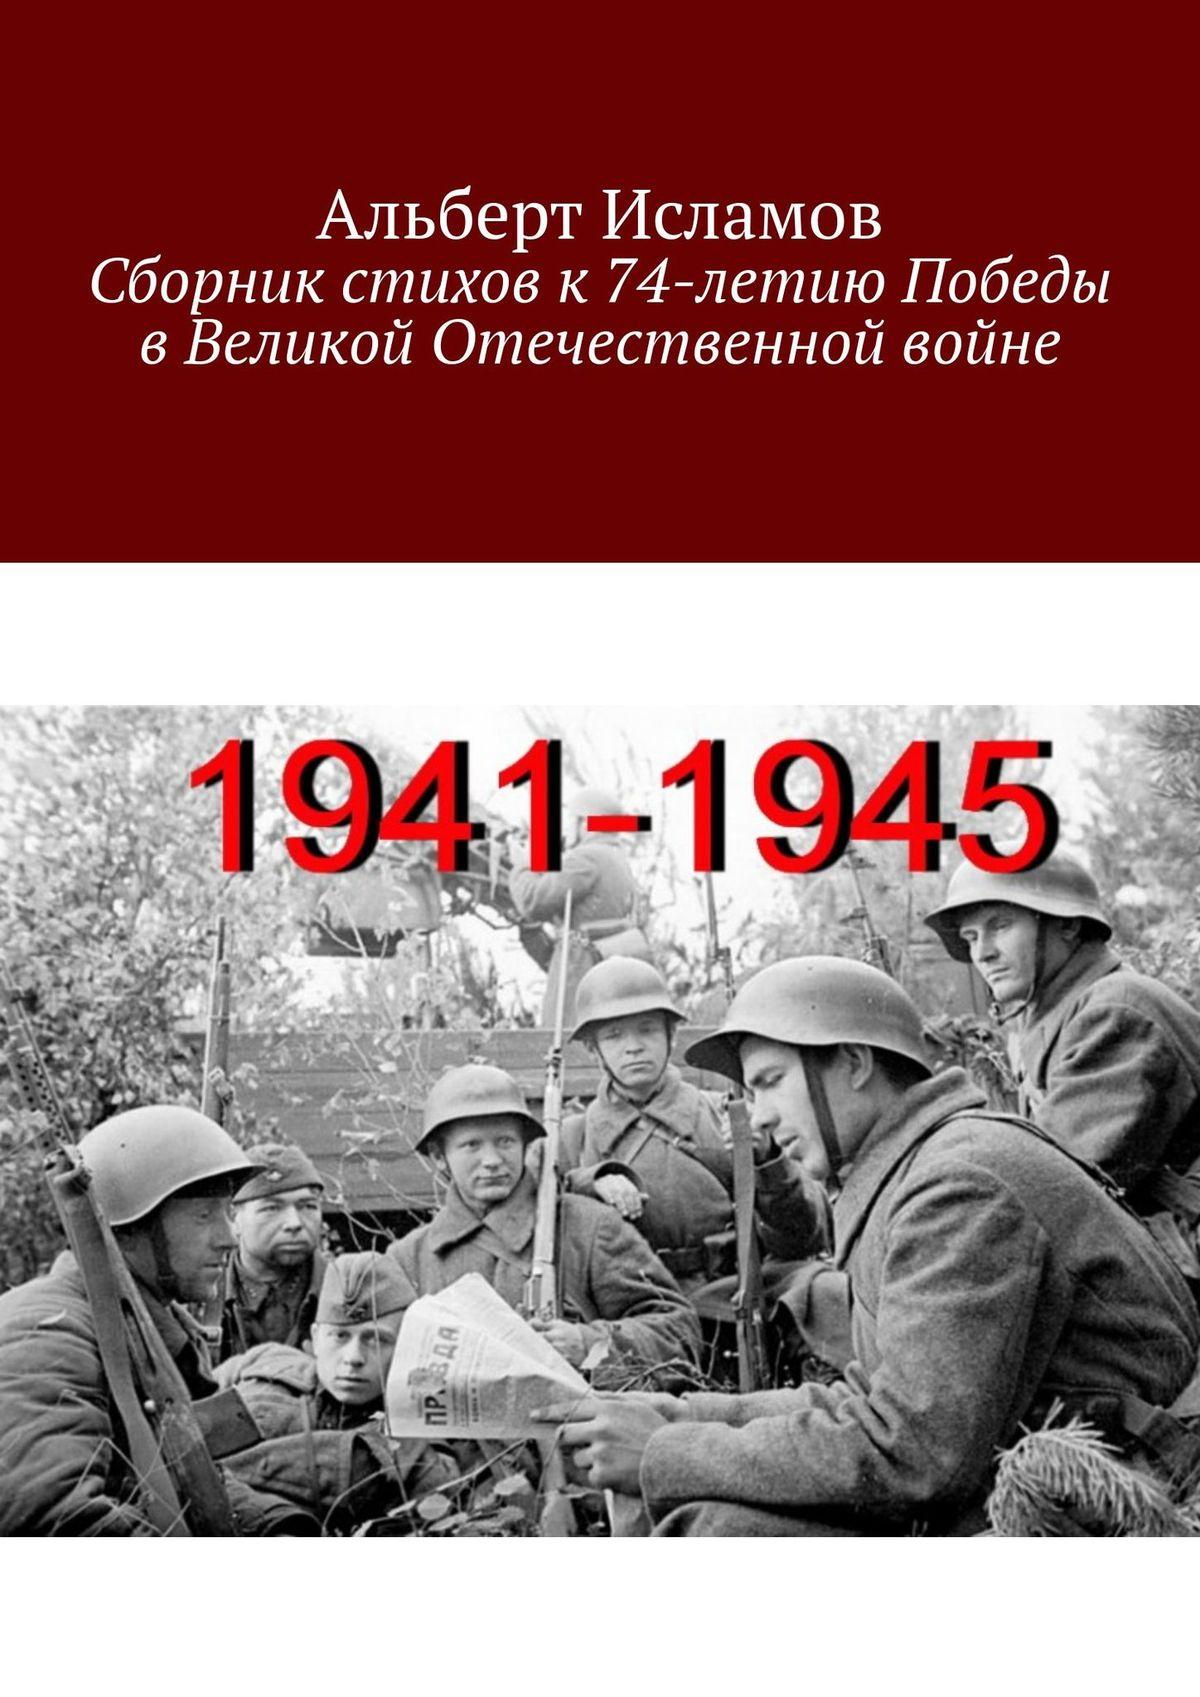 Альберт Исламов Сборник стихов к74-летиюПобеды вВеликой Отечественной войне цены